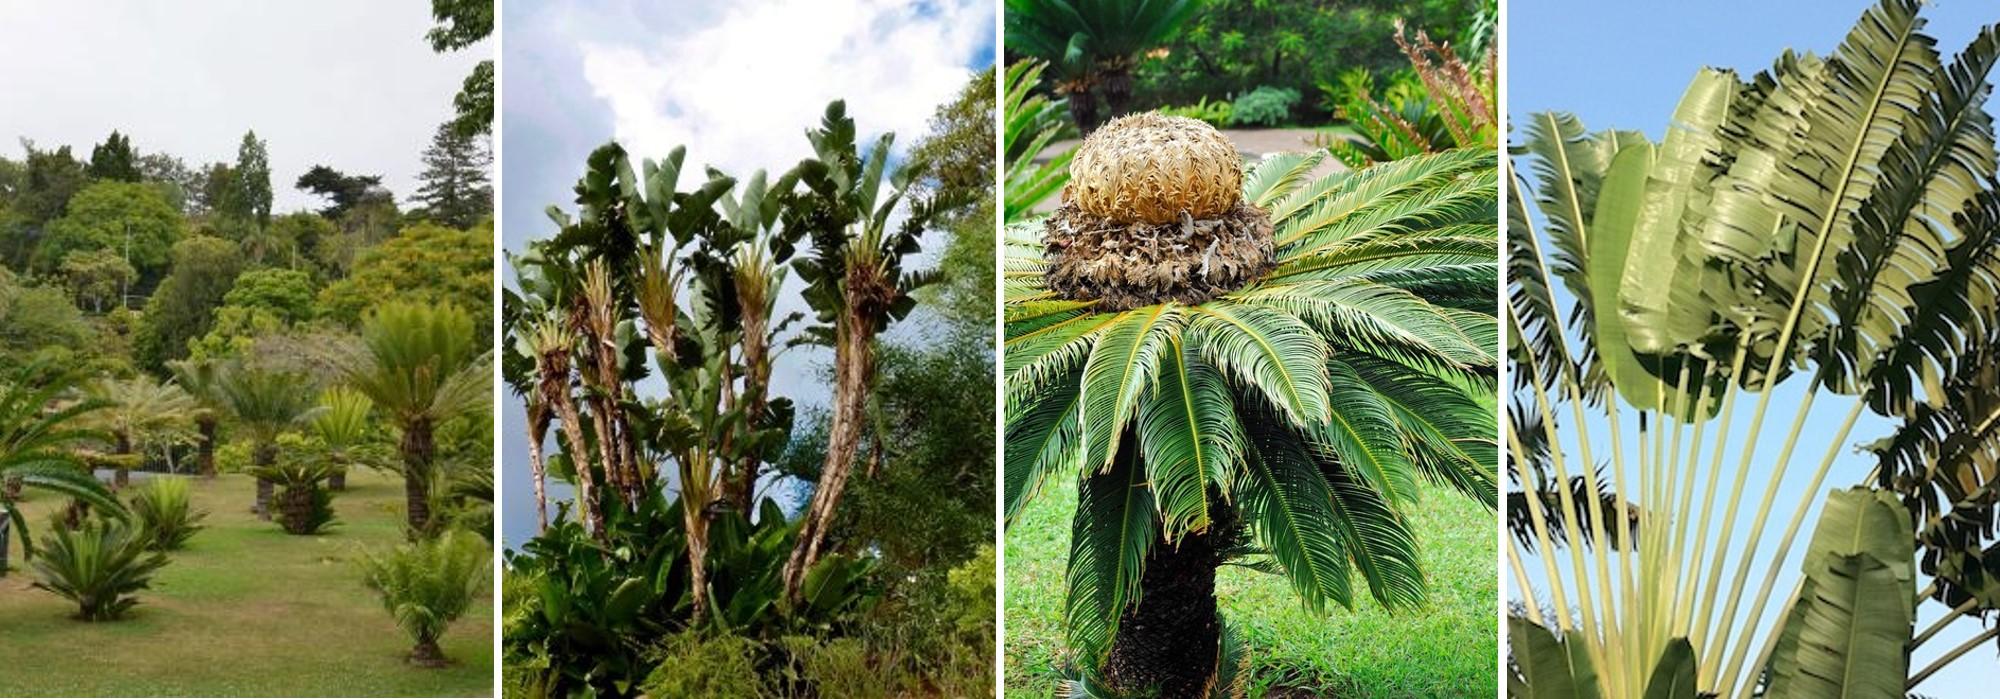 Jardins botaniques de palmiers Funchal Madère Portugal